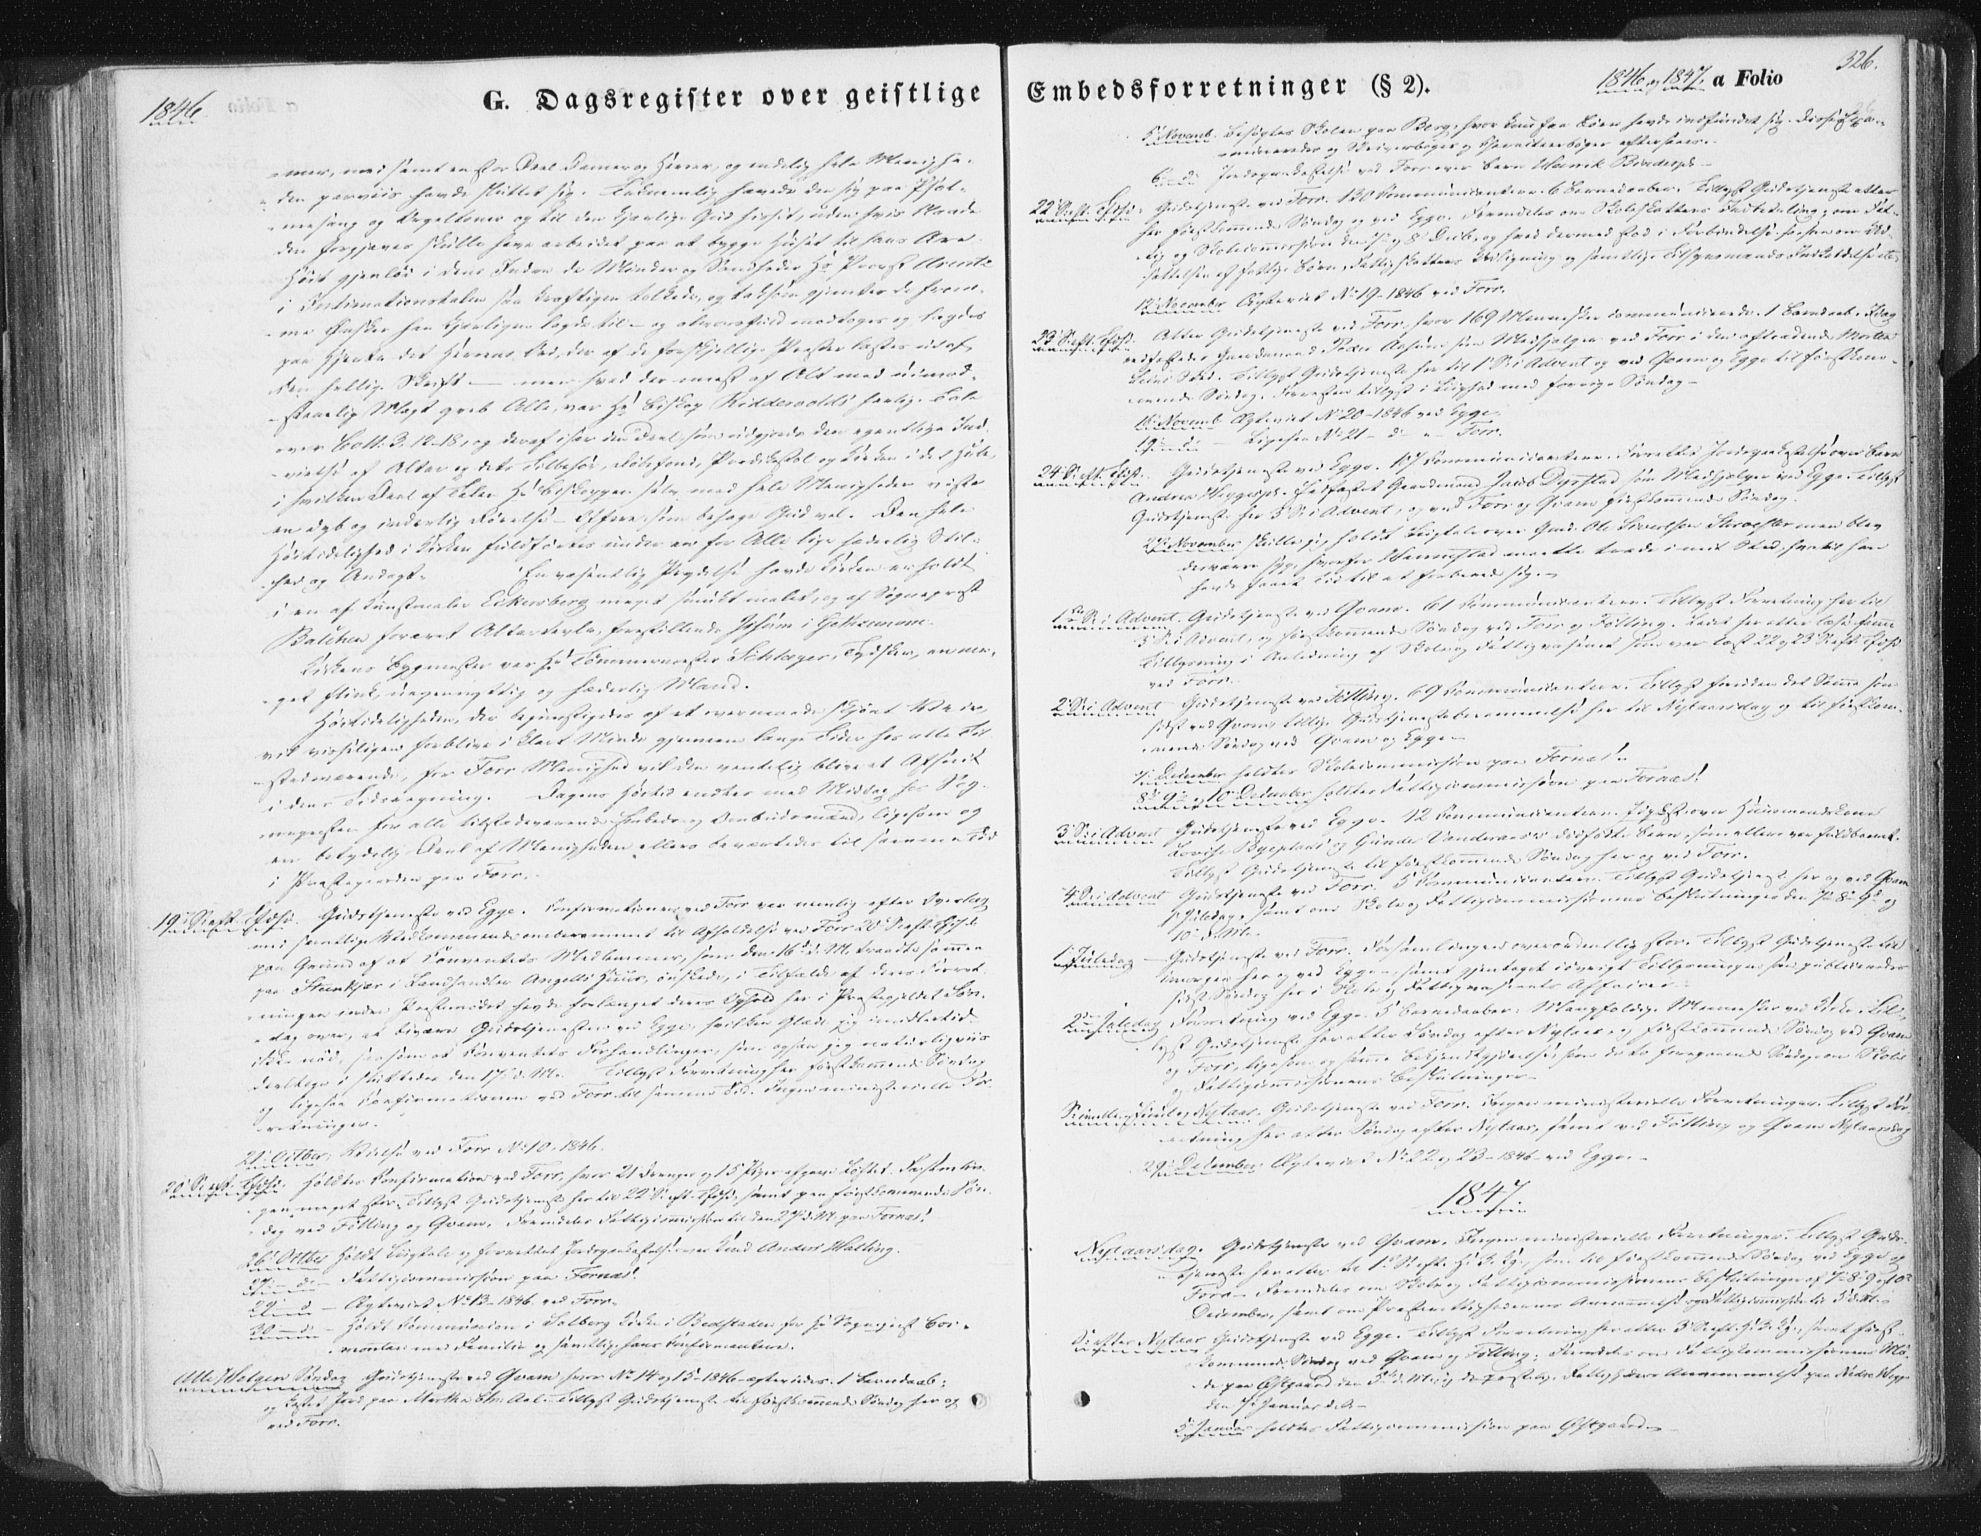 SAT, Ministerialprotokoller, klokkerbøker og fødselsregistre - Nord-Trøndelag, 746/L0446: Ministerialbok nr. 746A05, 1846-1859, s. 326